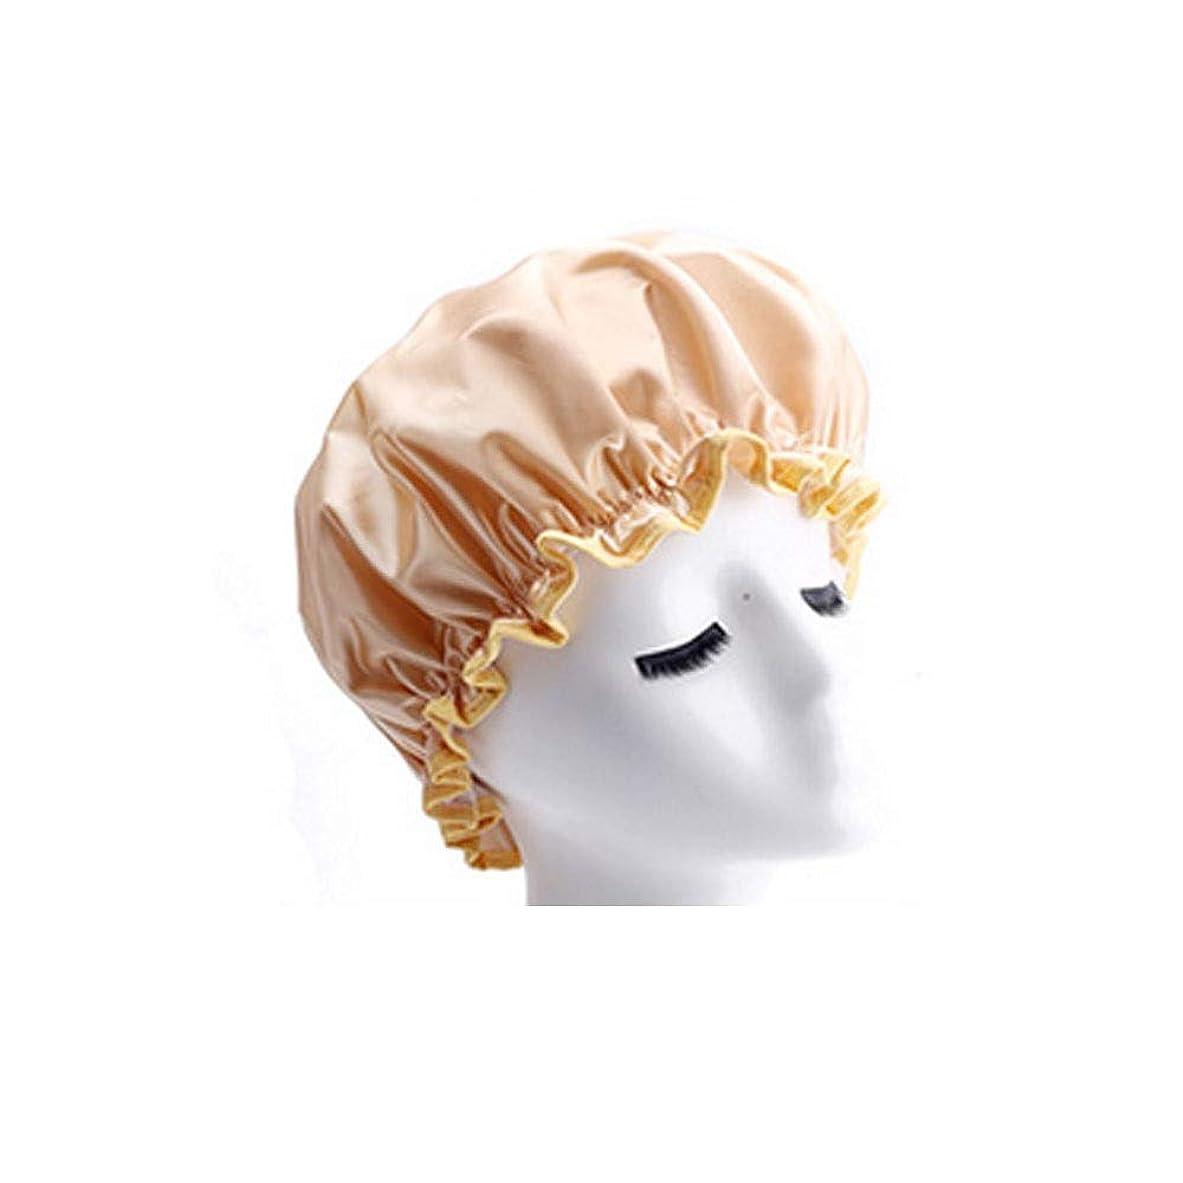 発見コウモリアトムXiaoNUO シャワーキャップ、レディースシャワーキャップレディース用のすべての髪の長さと太さのデラックスシャワーキャップ - 防水とカビ防止、再利用可能なシャワーキャップ。 髪を乾いた状態に保ちます。 (Color : 6)